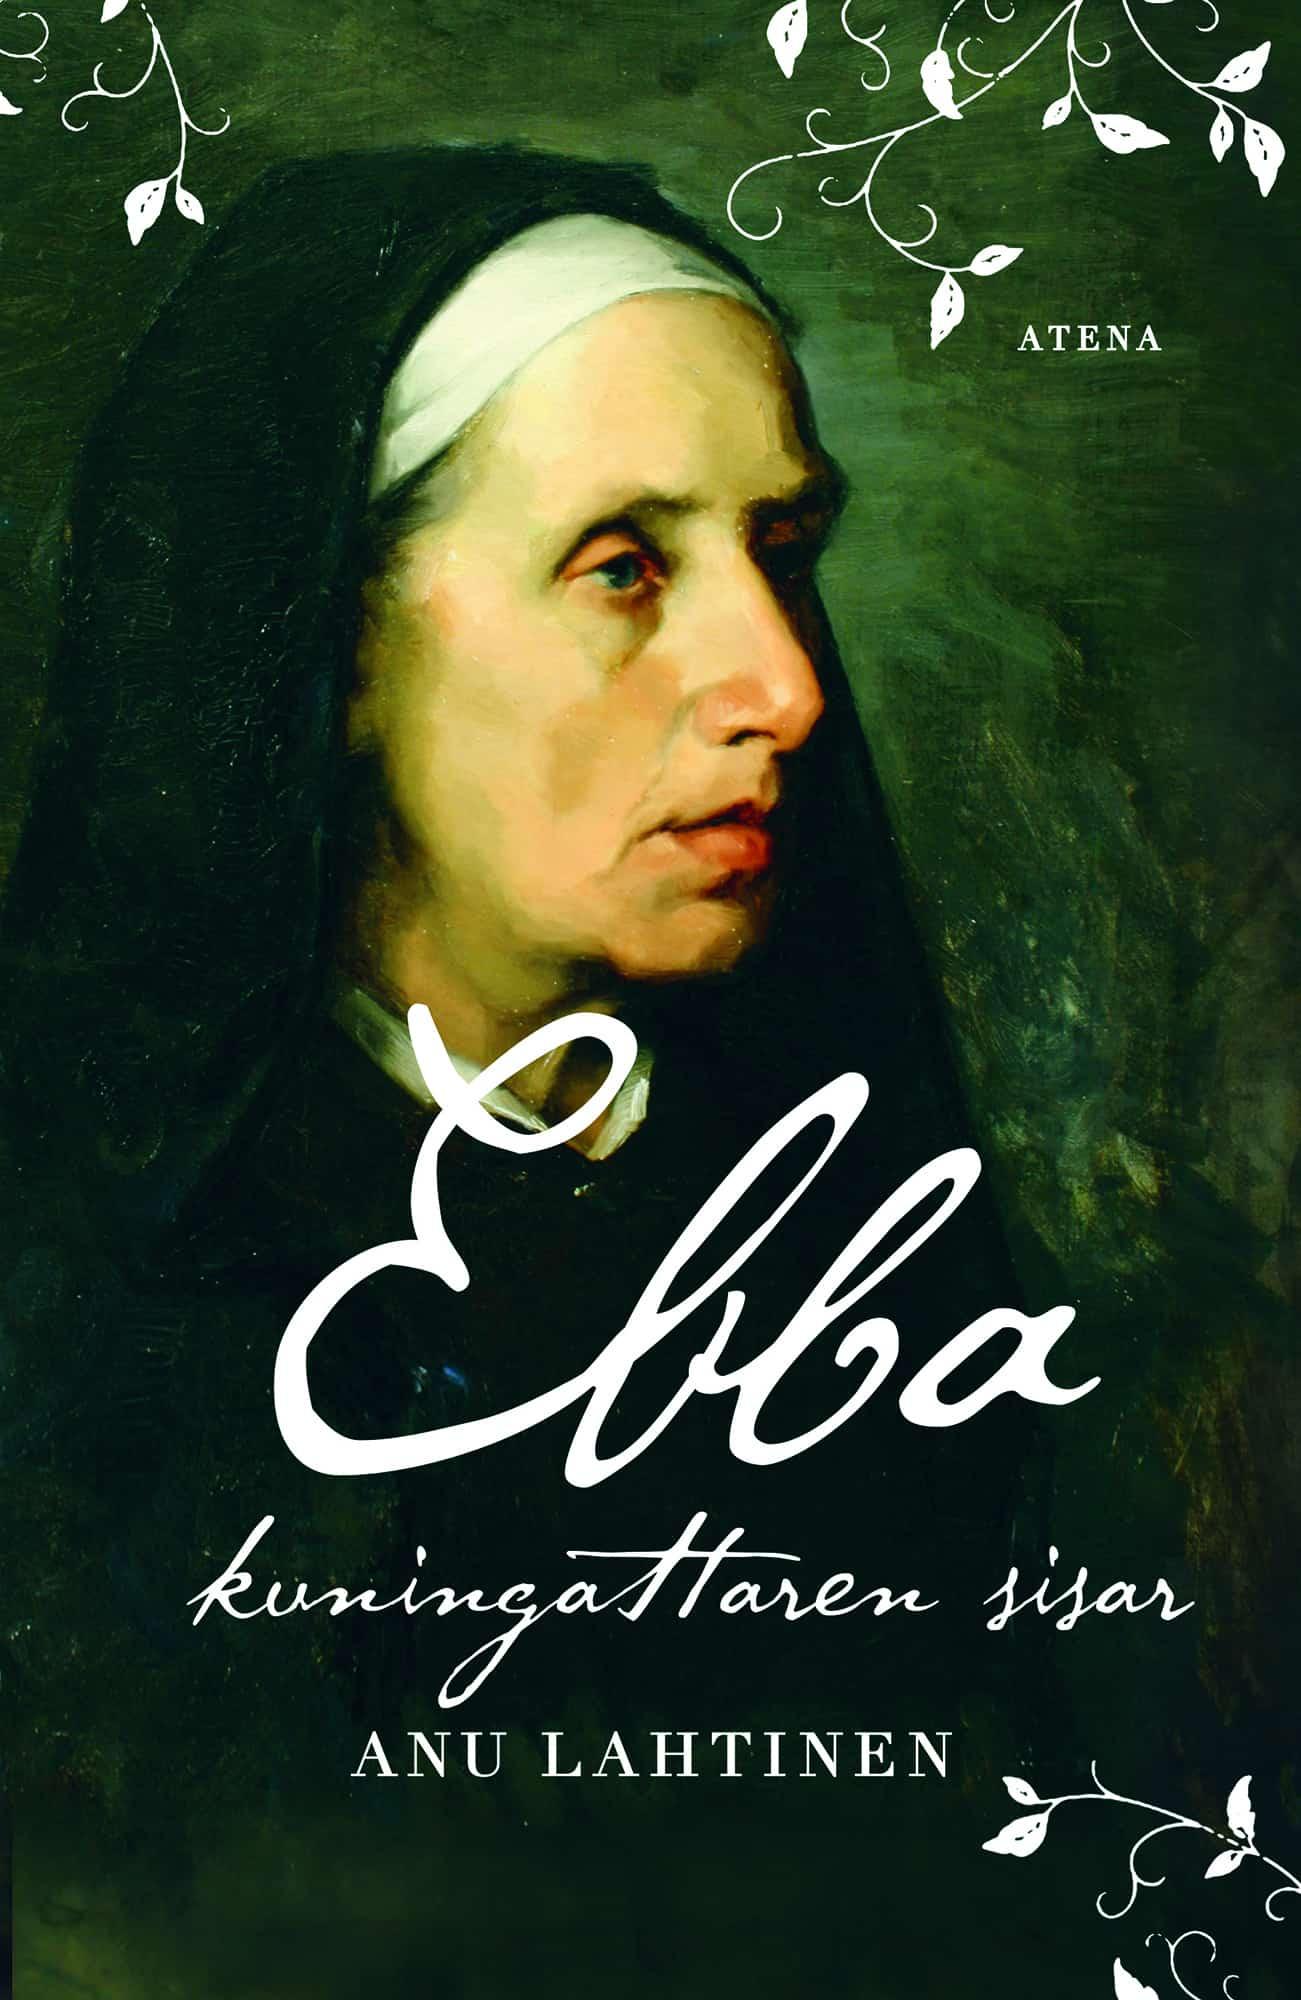 Ebba : Kuningattaren sisar